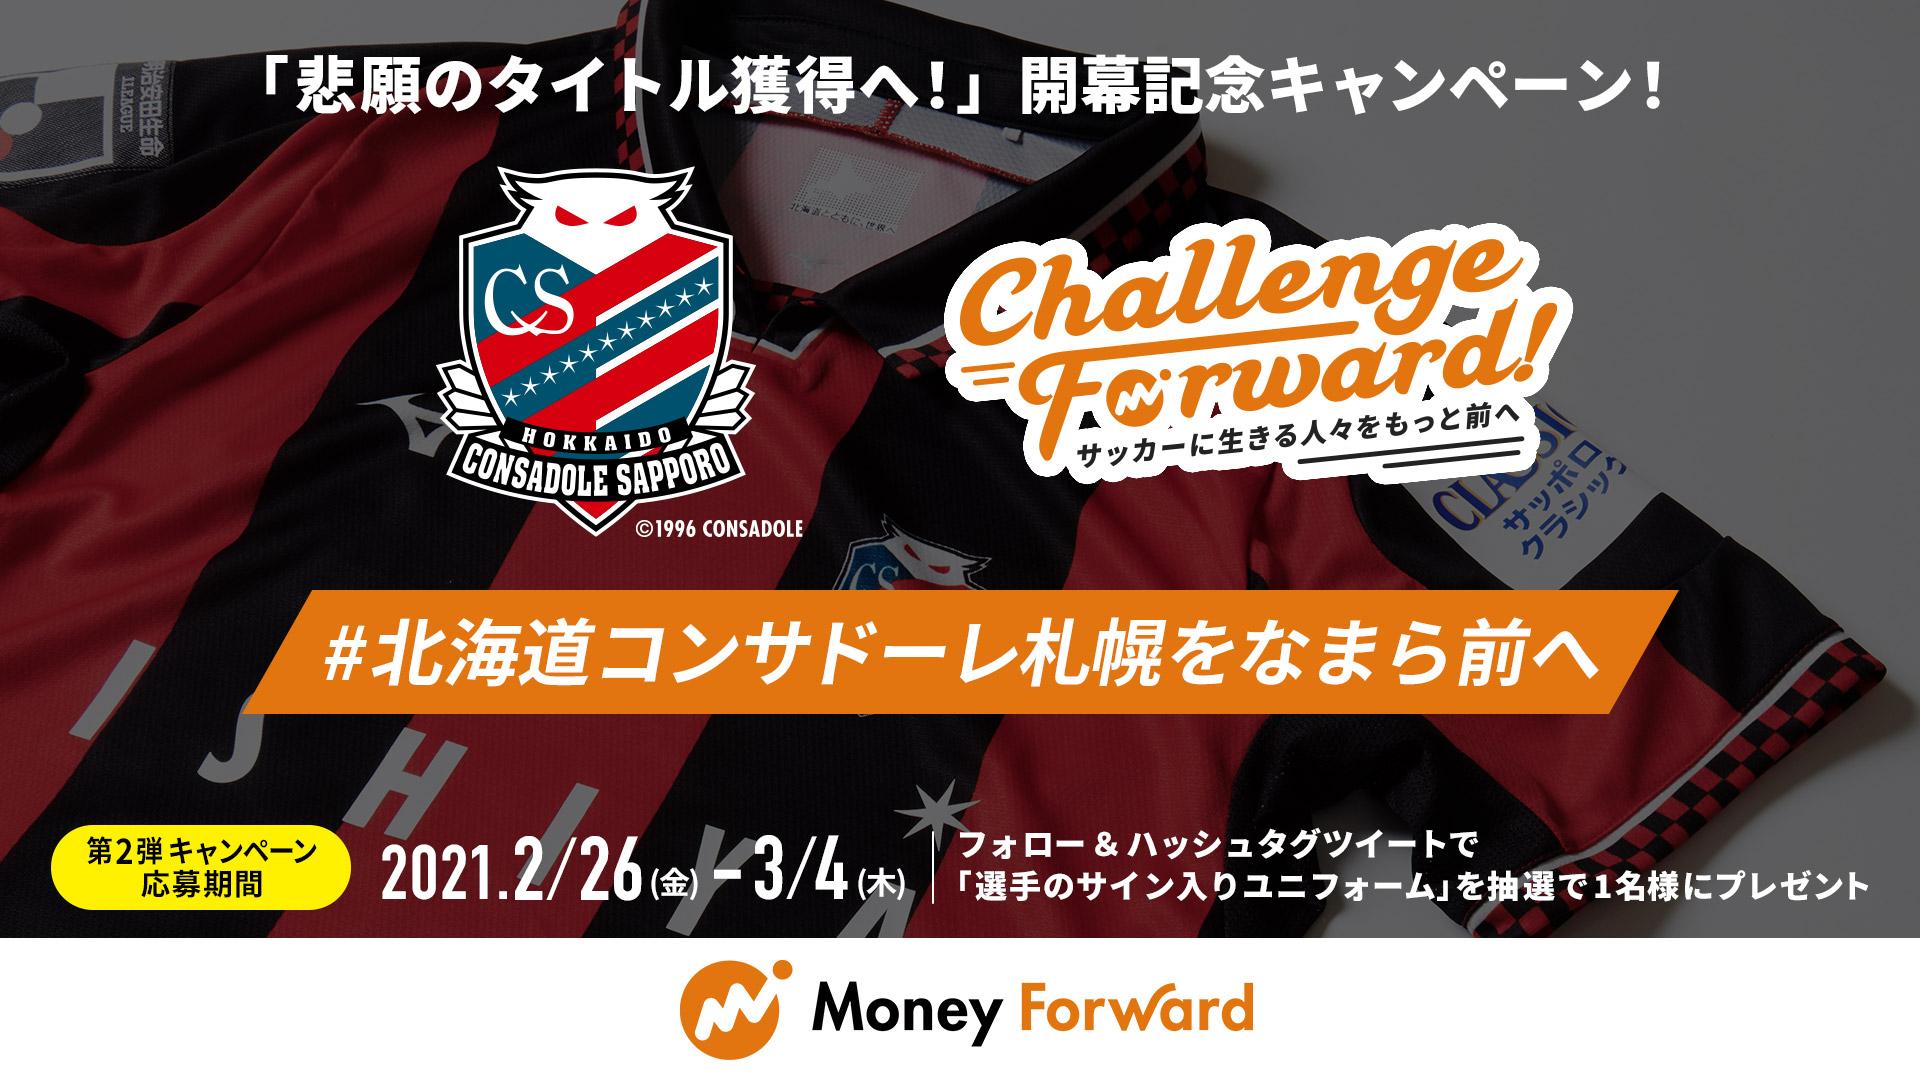 北海道コンサドーレ札幌 - Club Forward キャンペーン|マネーフォワード